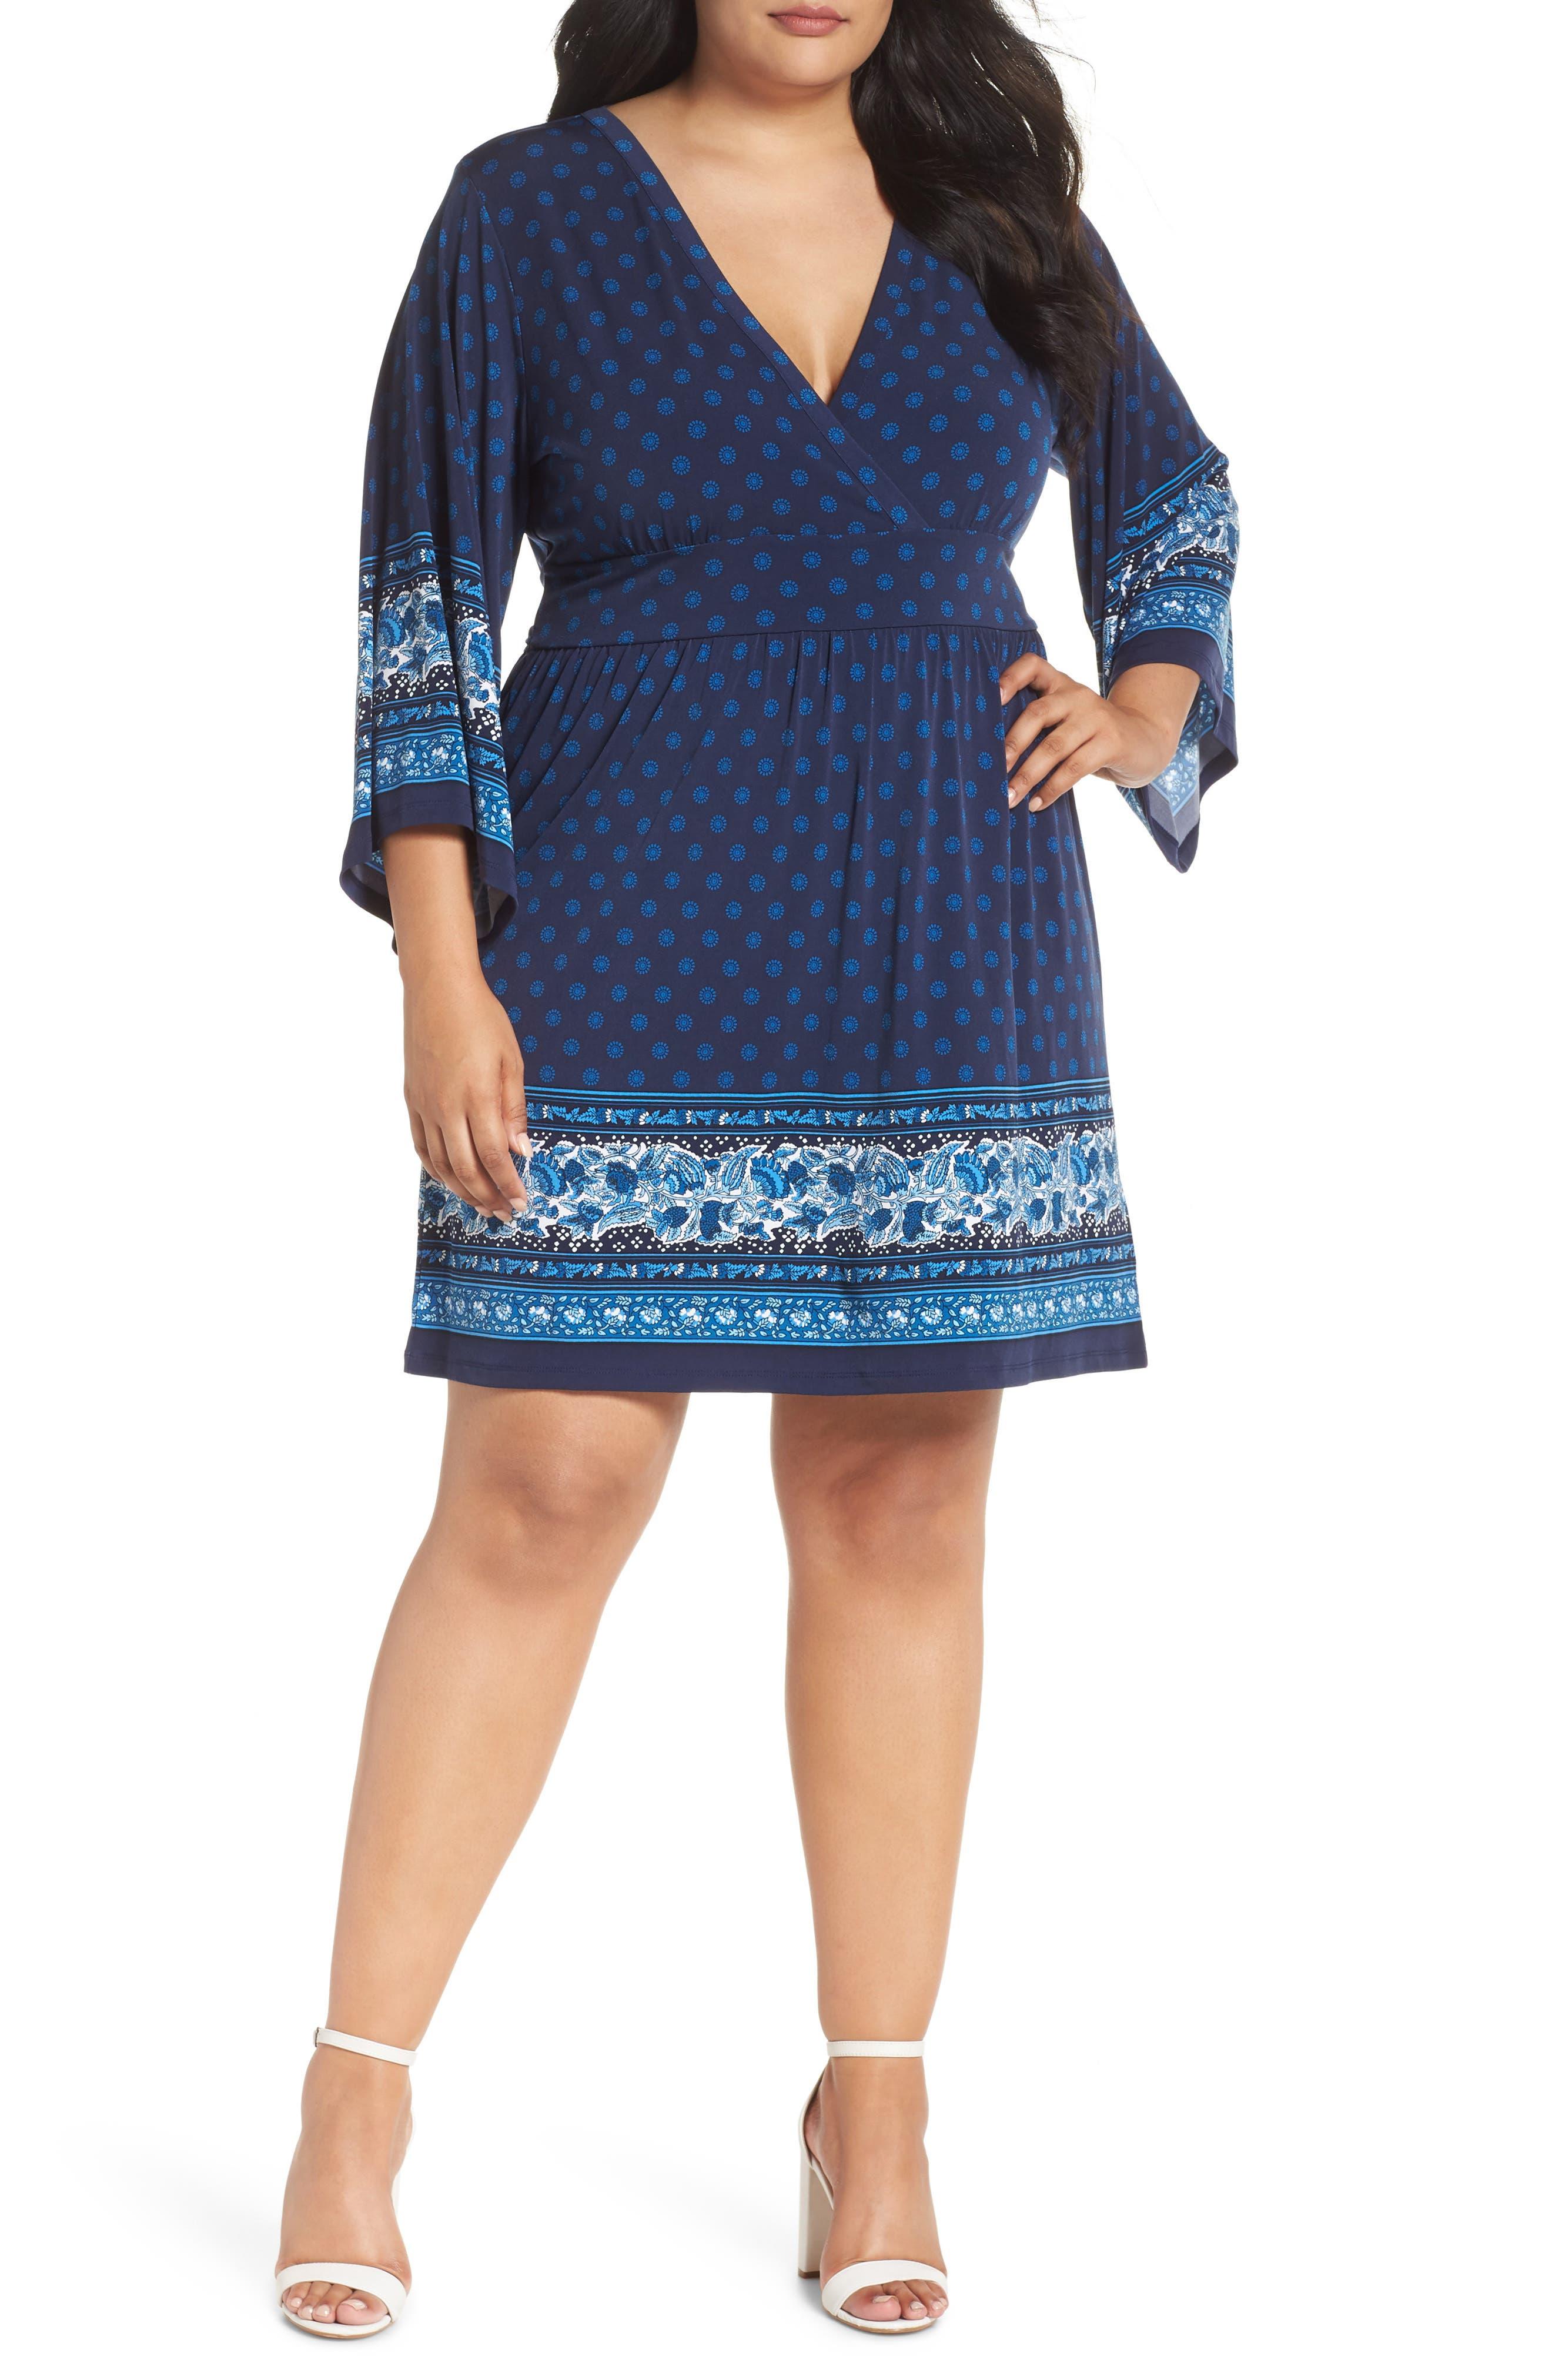 SUNNY PAISLEY BORDER DRESS